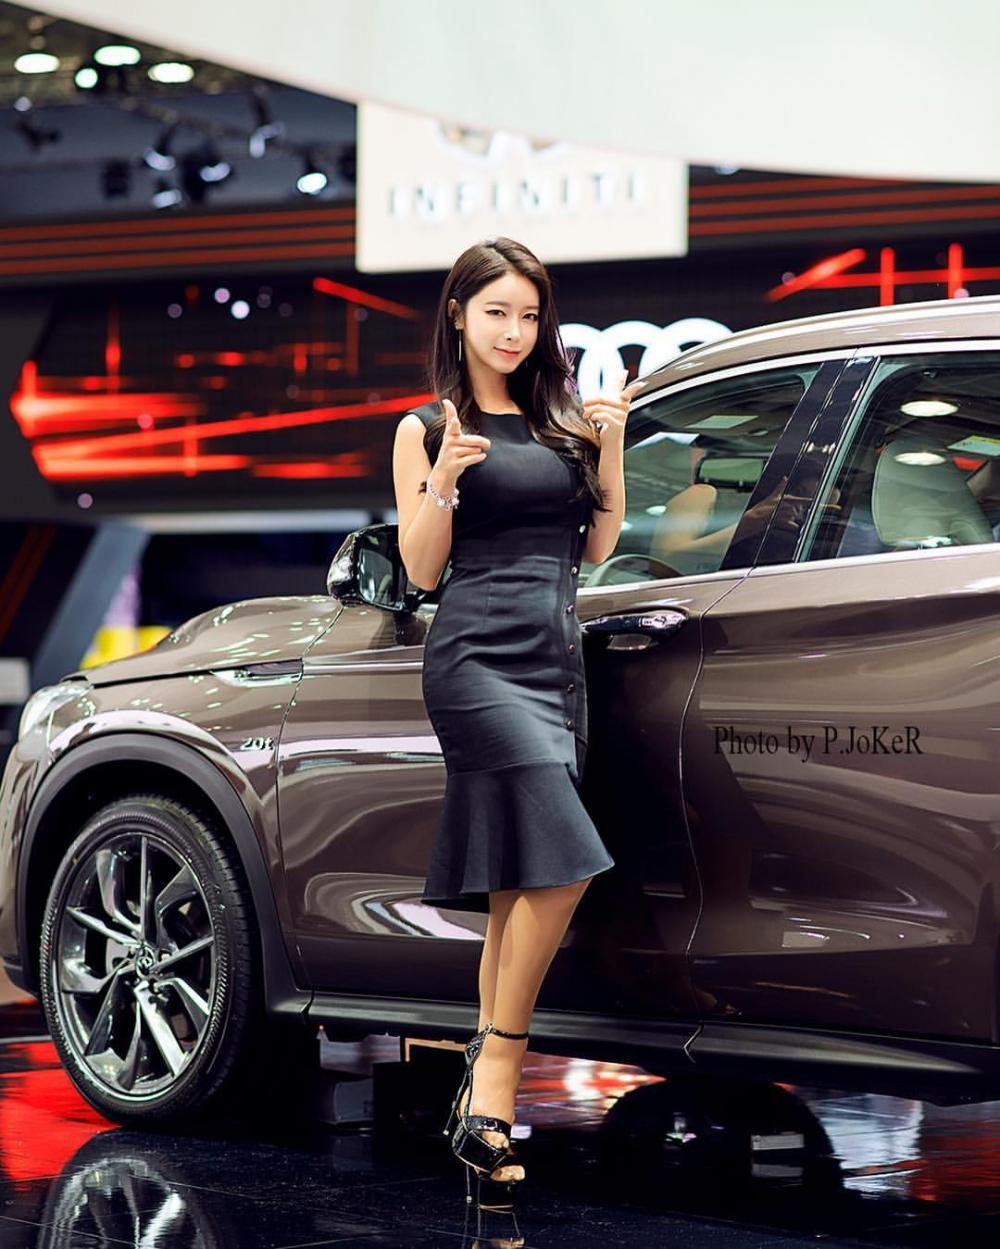 Ngất ngây với người mẫu Hàn Quốc đẹp như tiên tại triển lãm ô tô Busan 2018 - 16